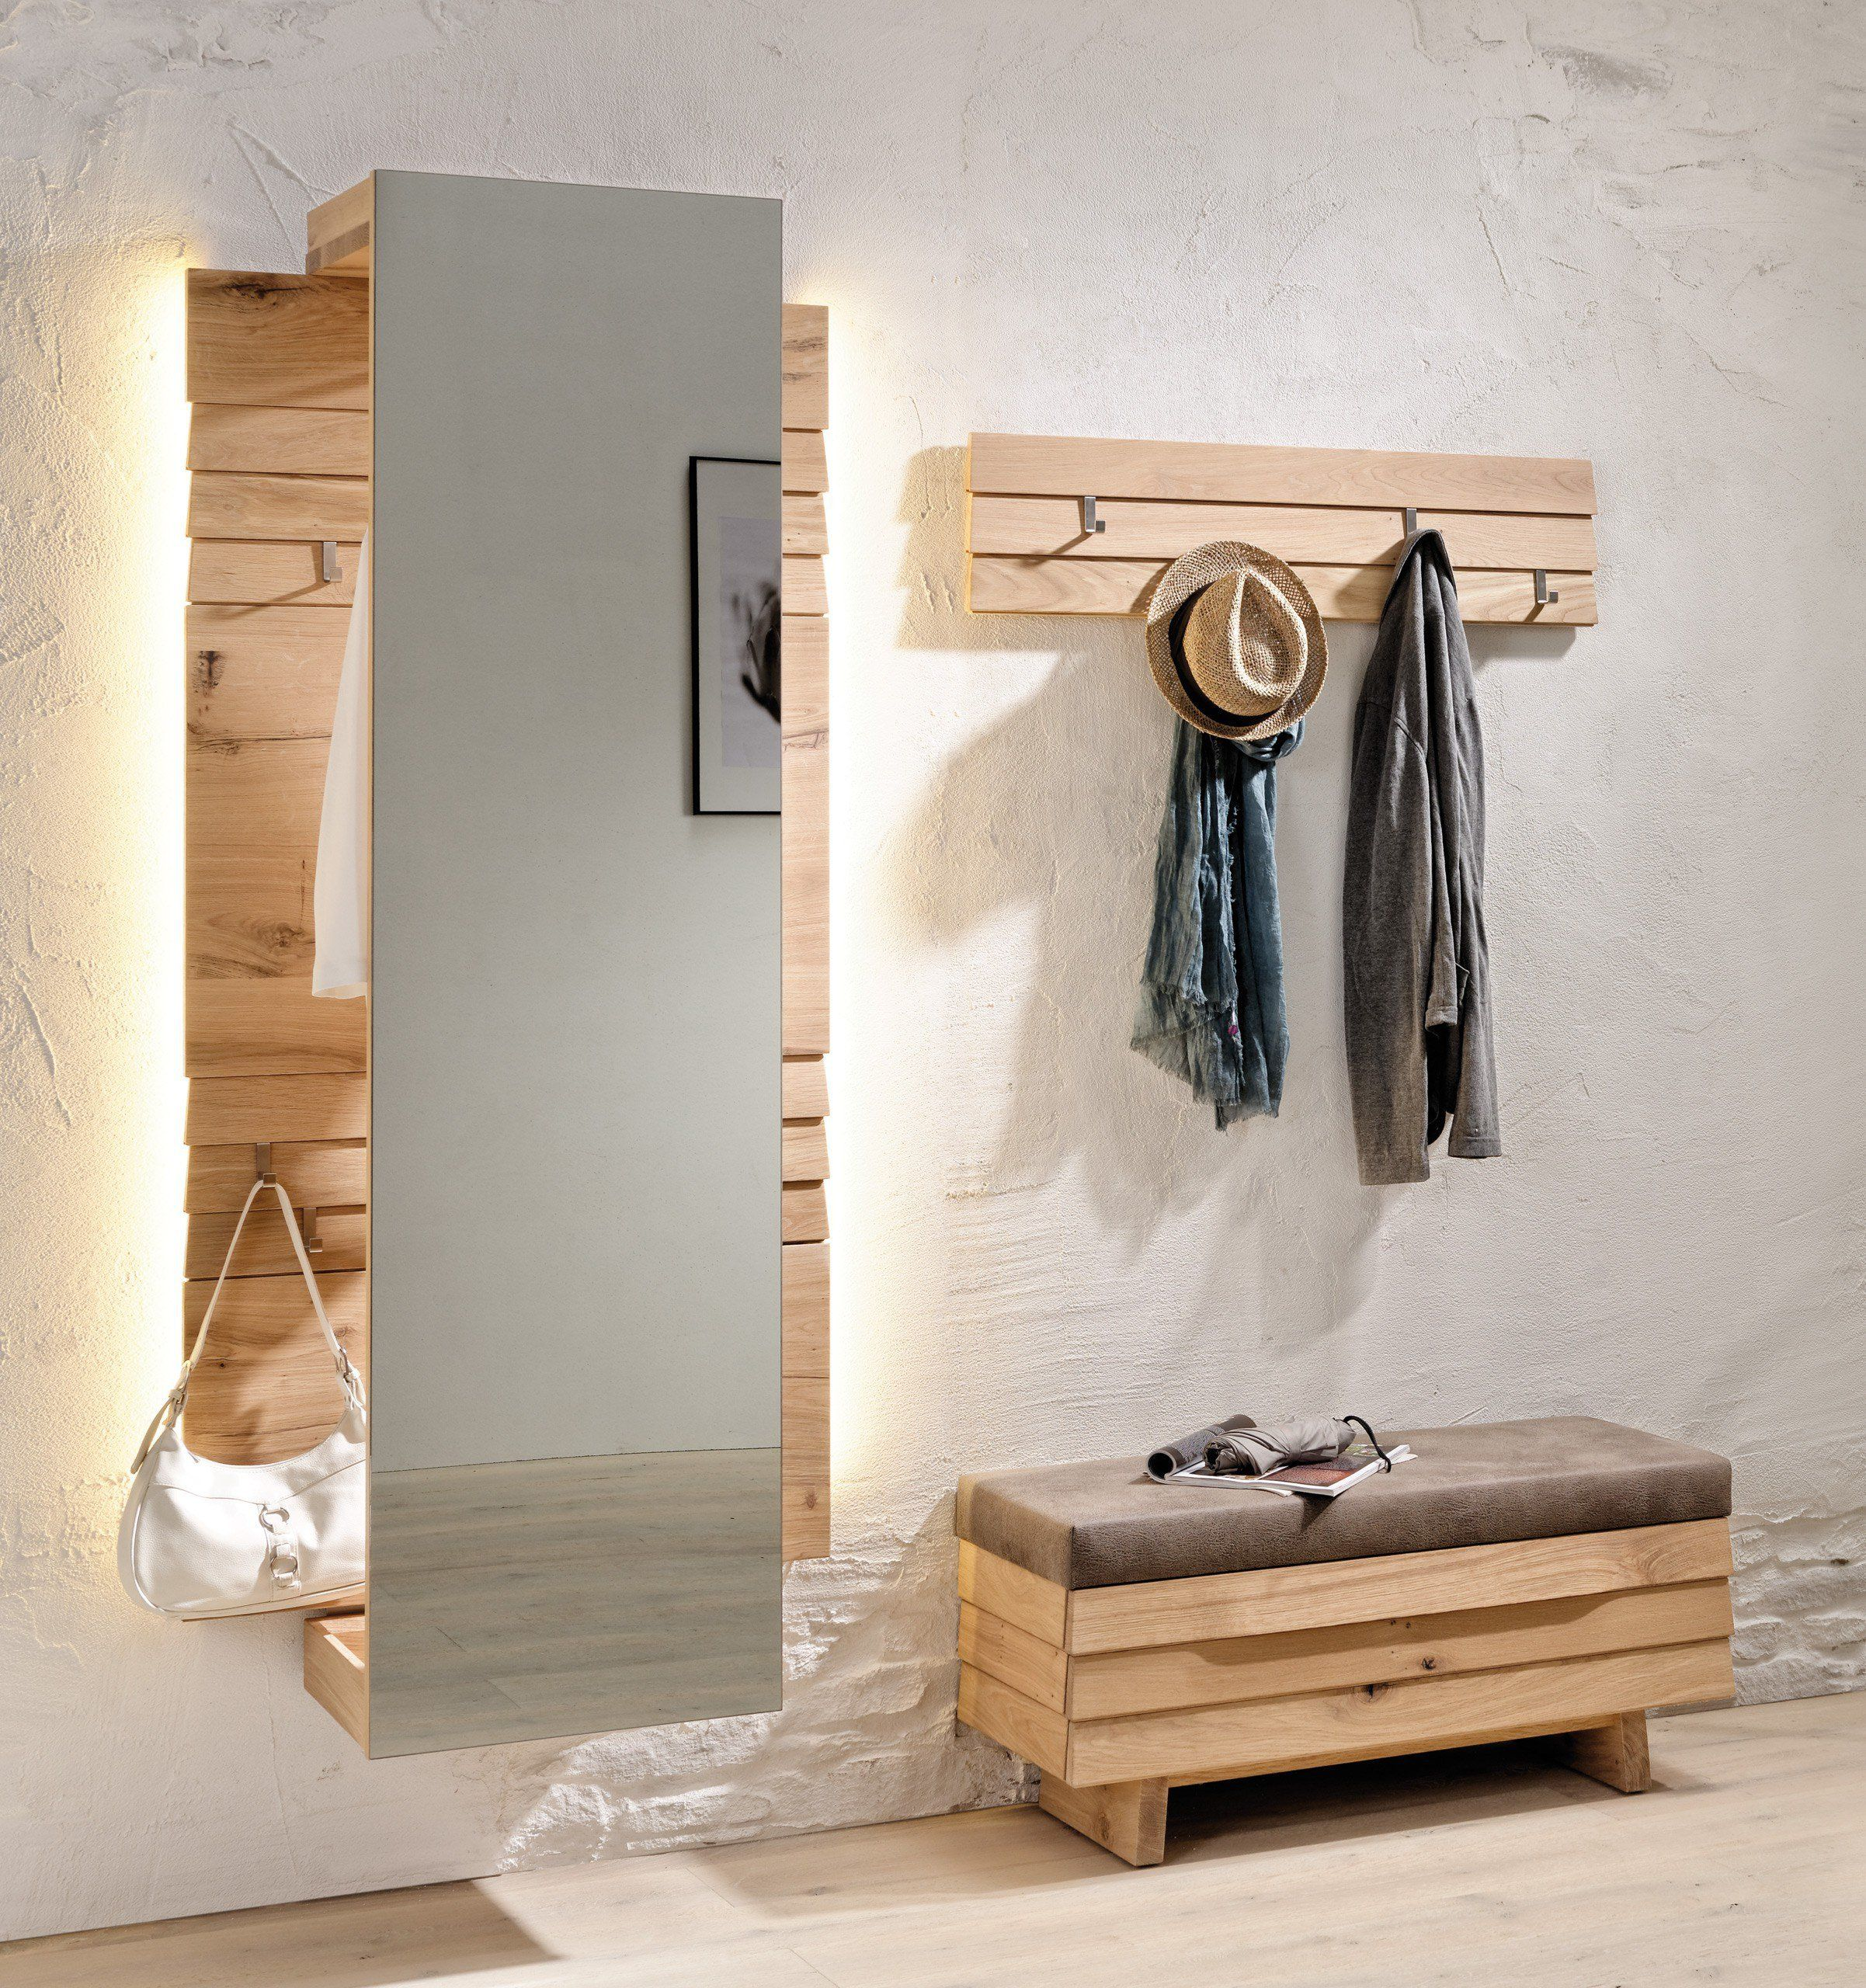 die besten 25 voglauer garderobe ideen auf pinterest voglauer voglauer montana und eingangs. Black Bedroom Furniture Sets. Home Design Ideas